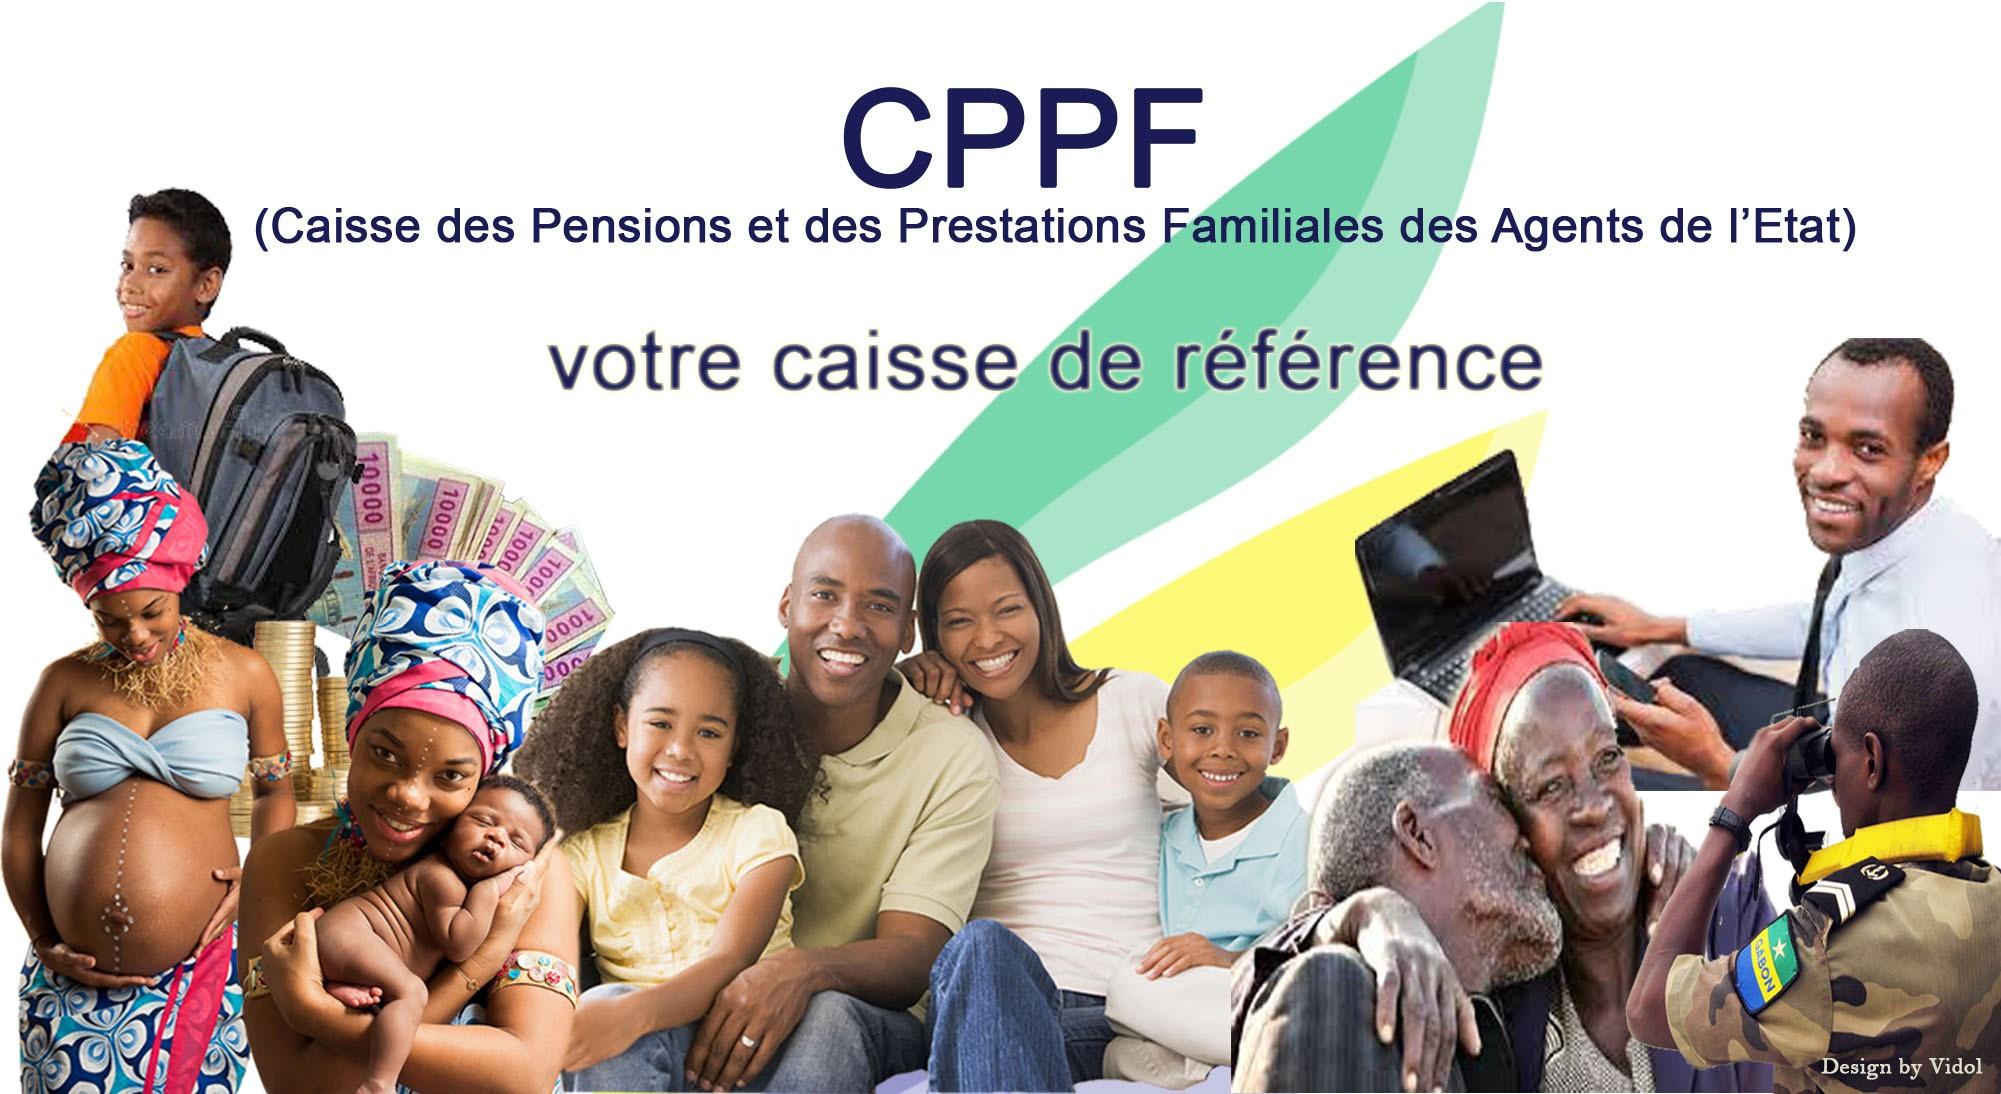 Caisse Des Pensions Et Des Prestations Familiales Des Agents